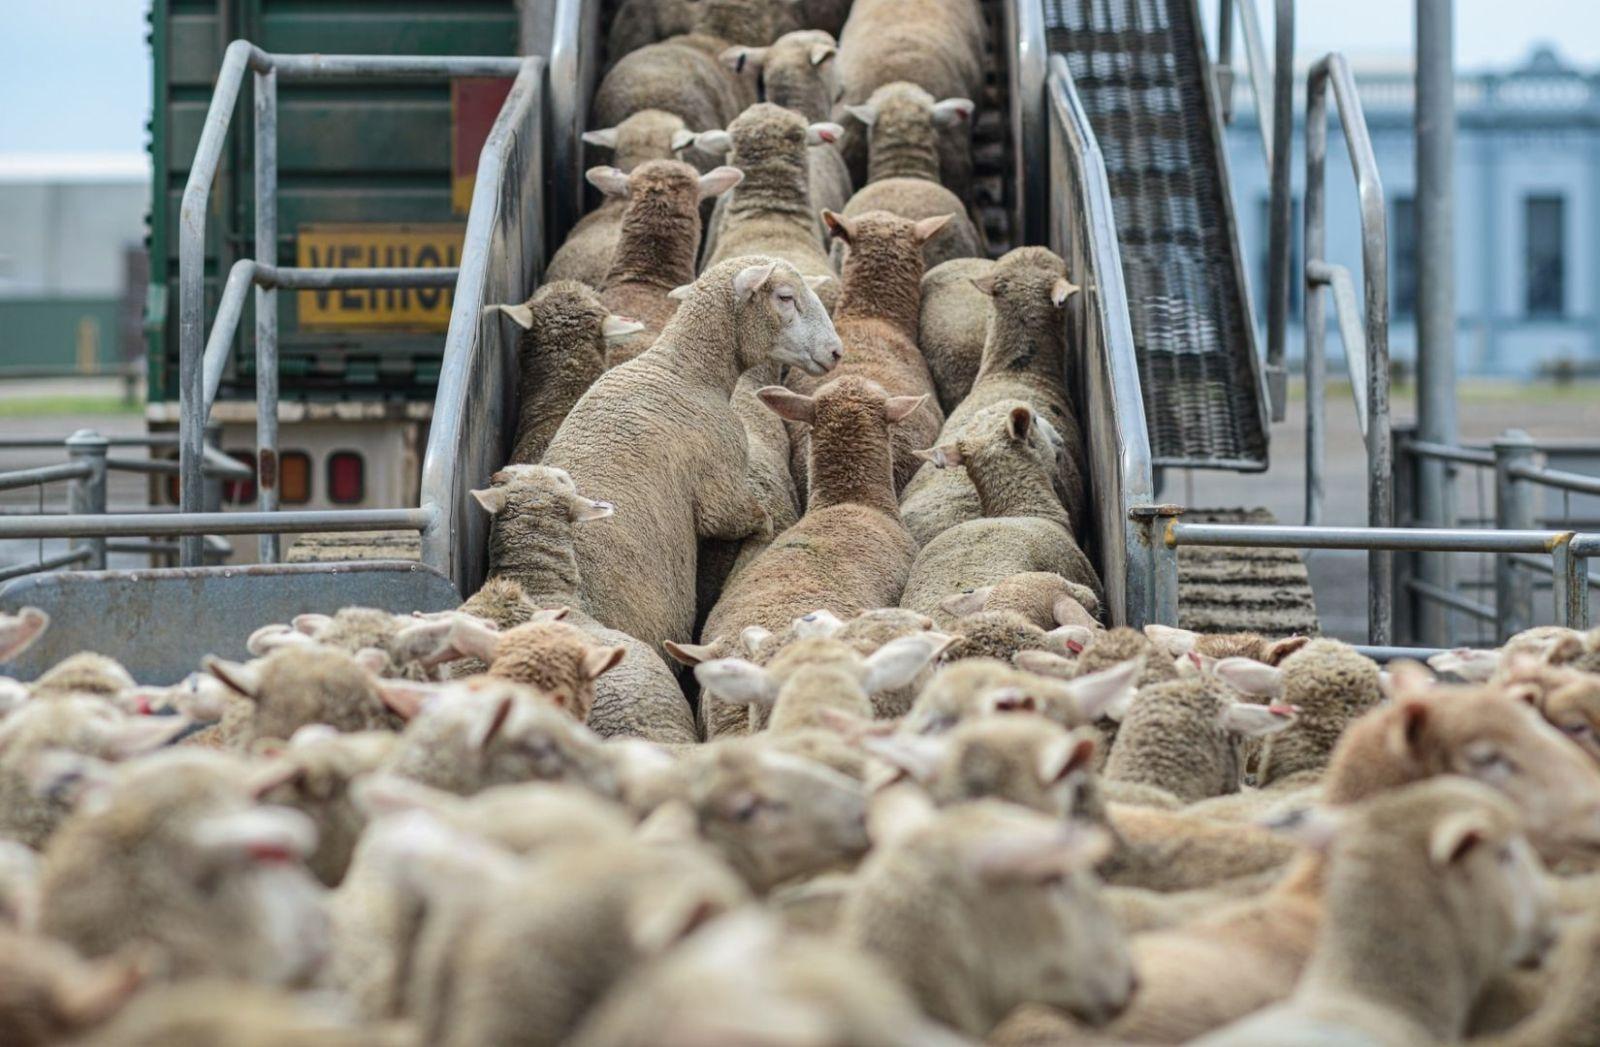 Im Kapitalismus wird alles zur Ware, auch diese Schafe in Australien. (Foto: Jo-Anne McArthur, Unsplash.com)